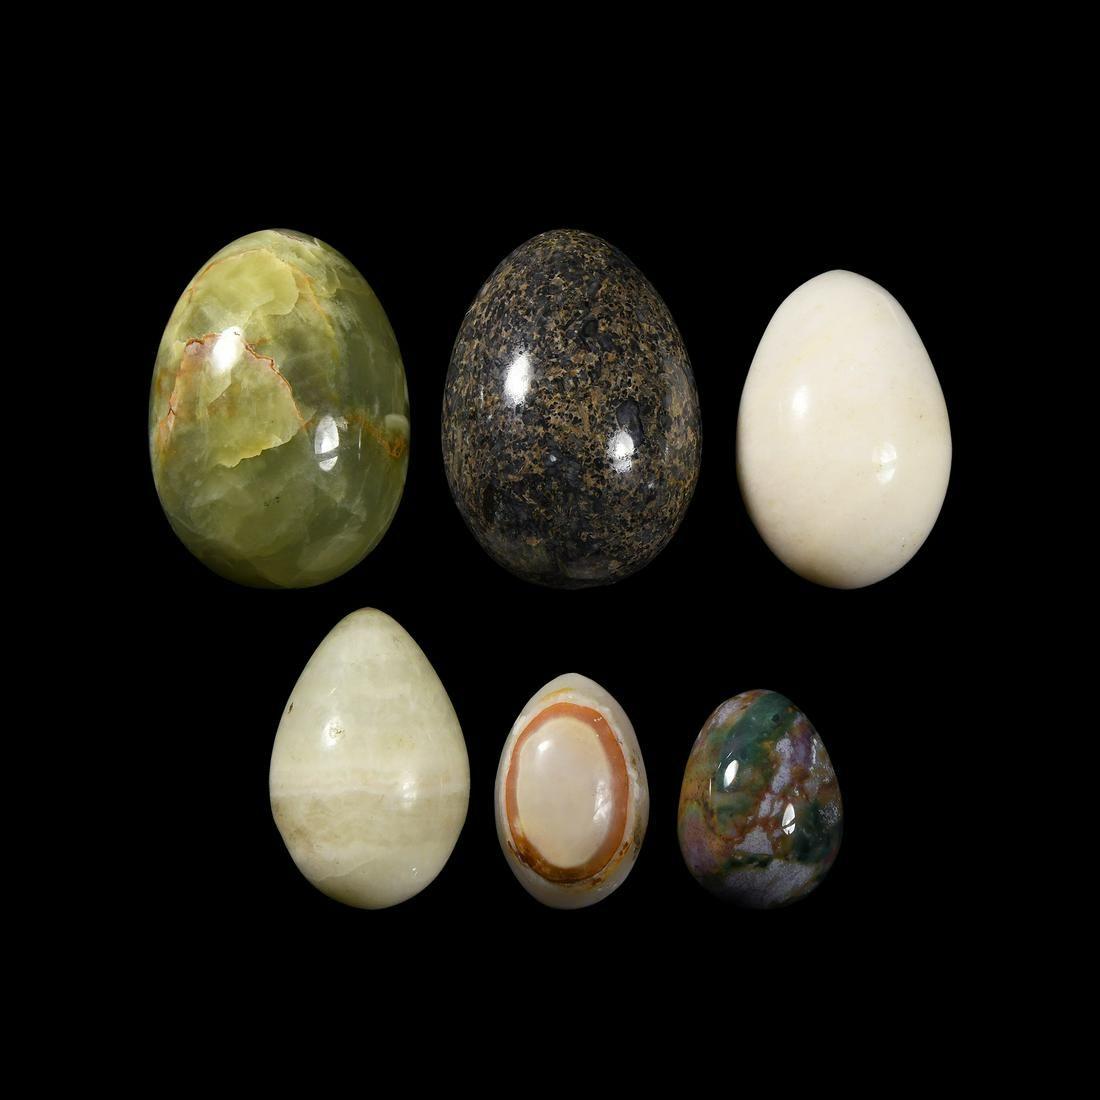 Polished Mineral Specimen Egg Group